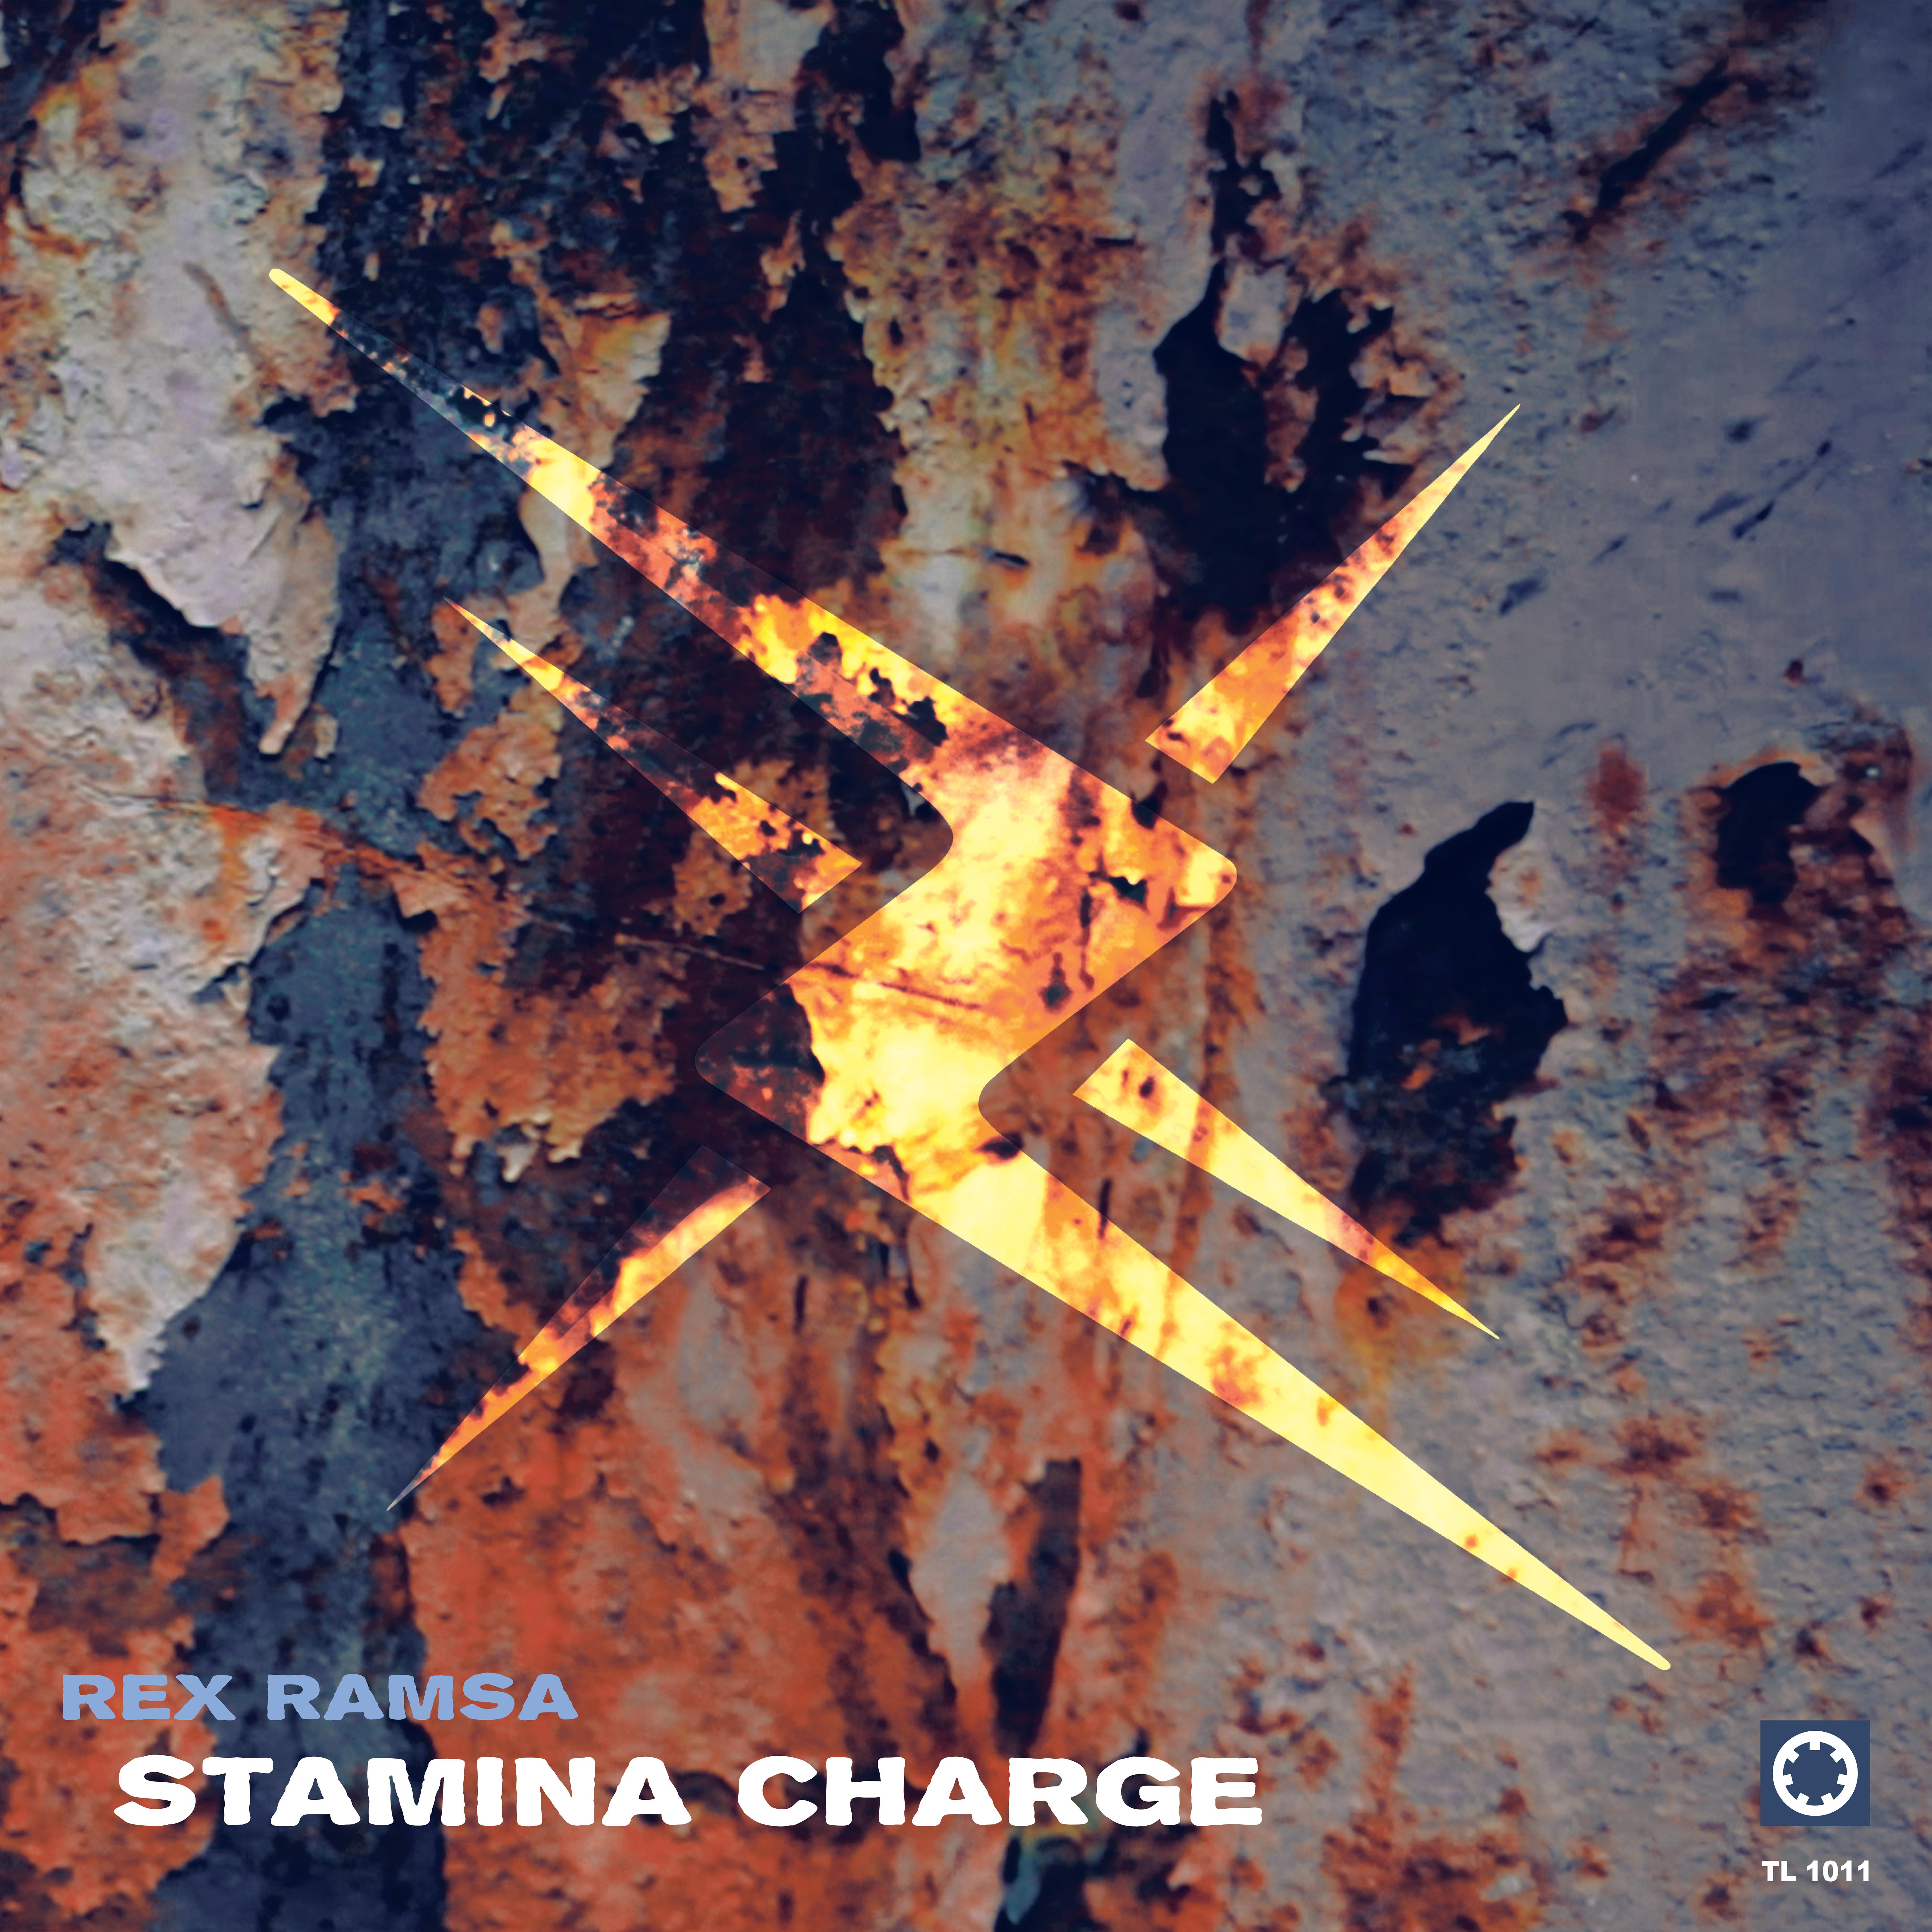 Rex Ramsa - Stamina Charge